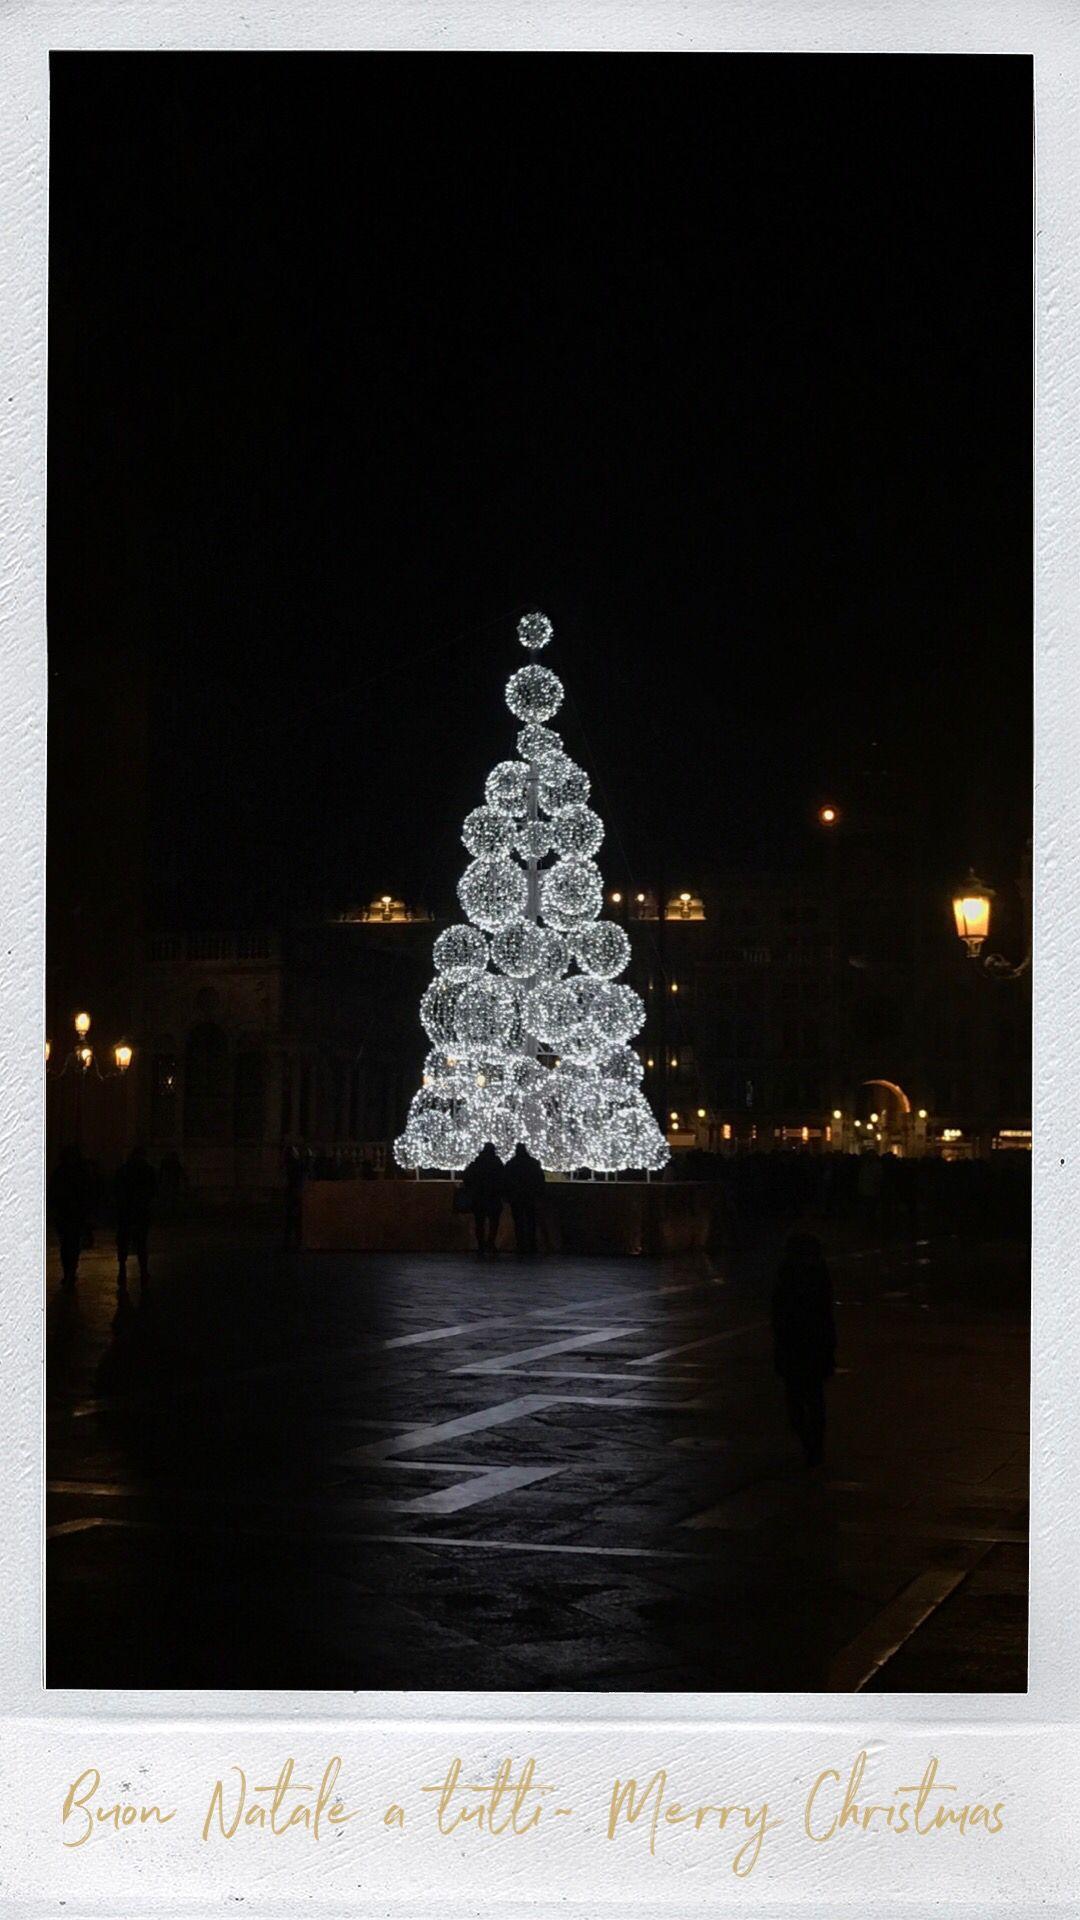 Buon Natale E Buone Feste Natalizie.Un Sincero Augurio Di Buon Natale E Buone Feste December